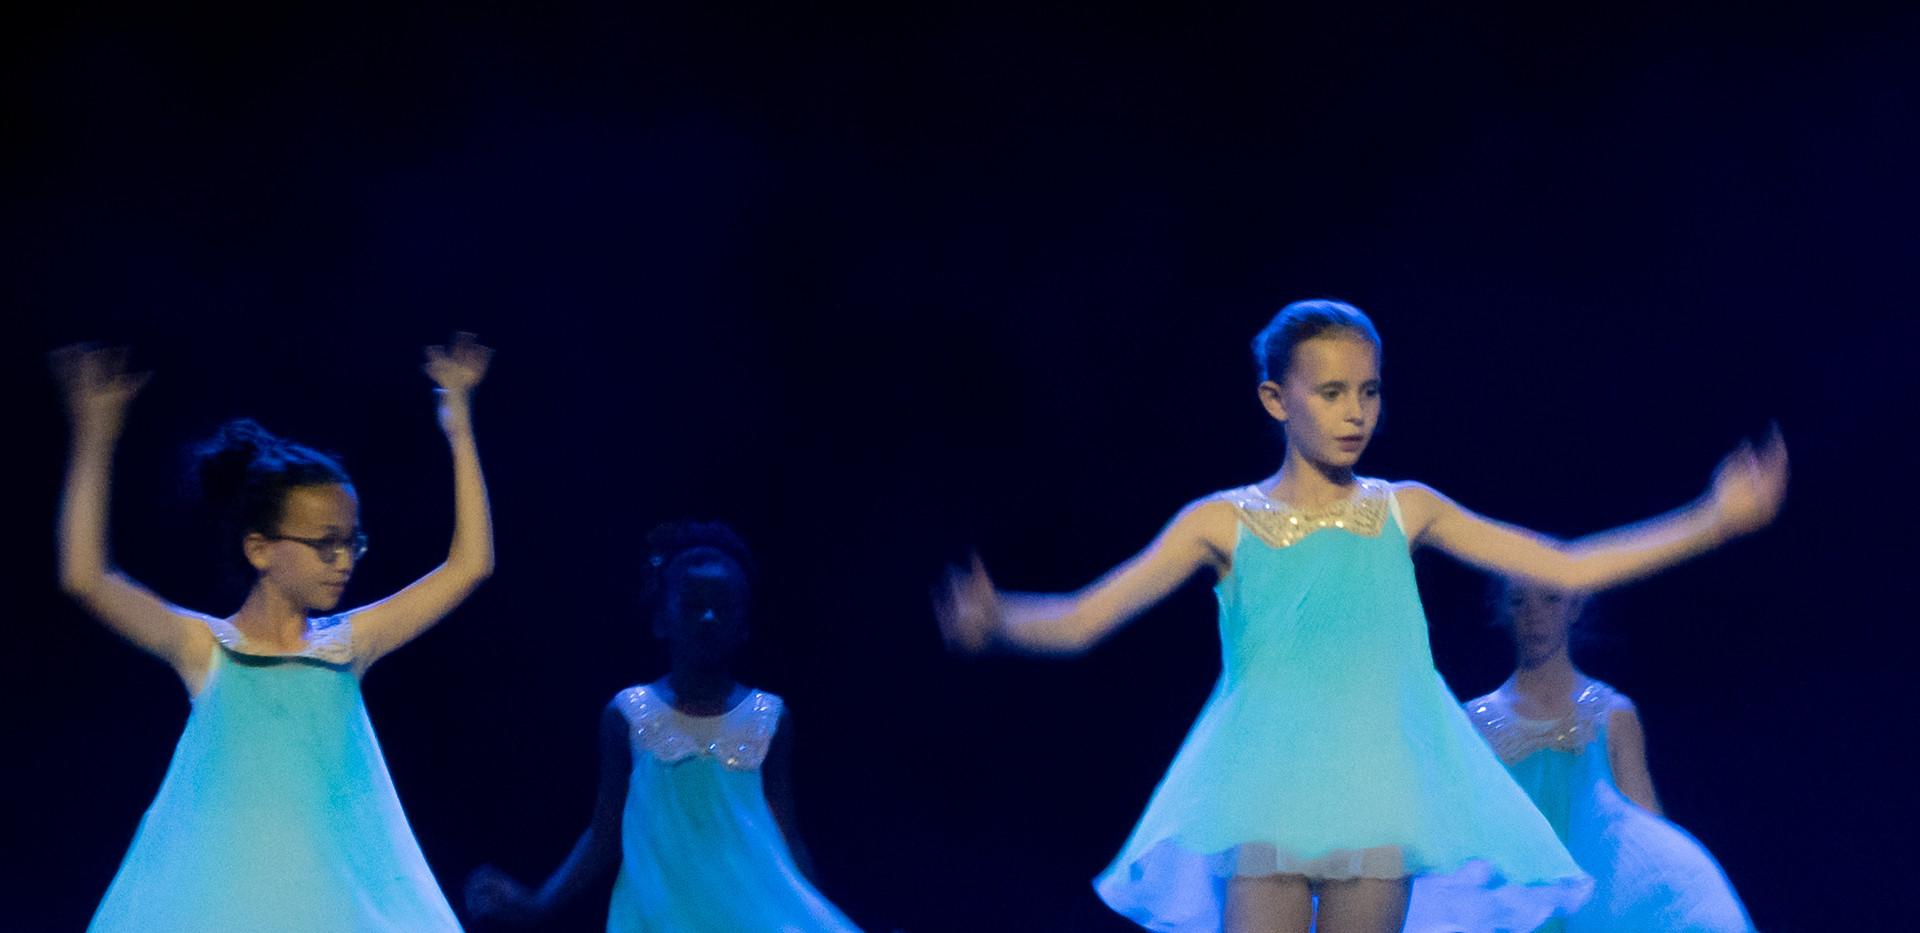 Gala_de_danse-4.jpg